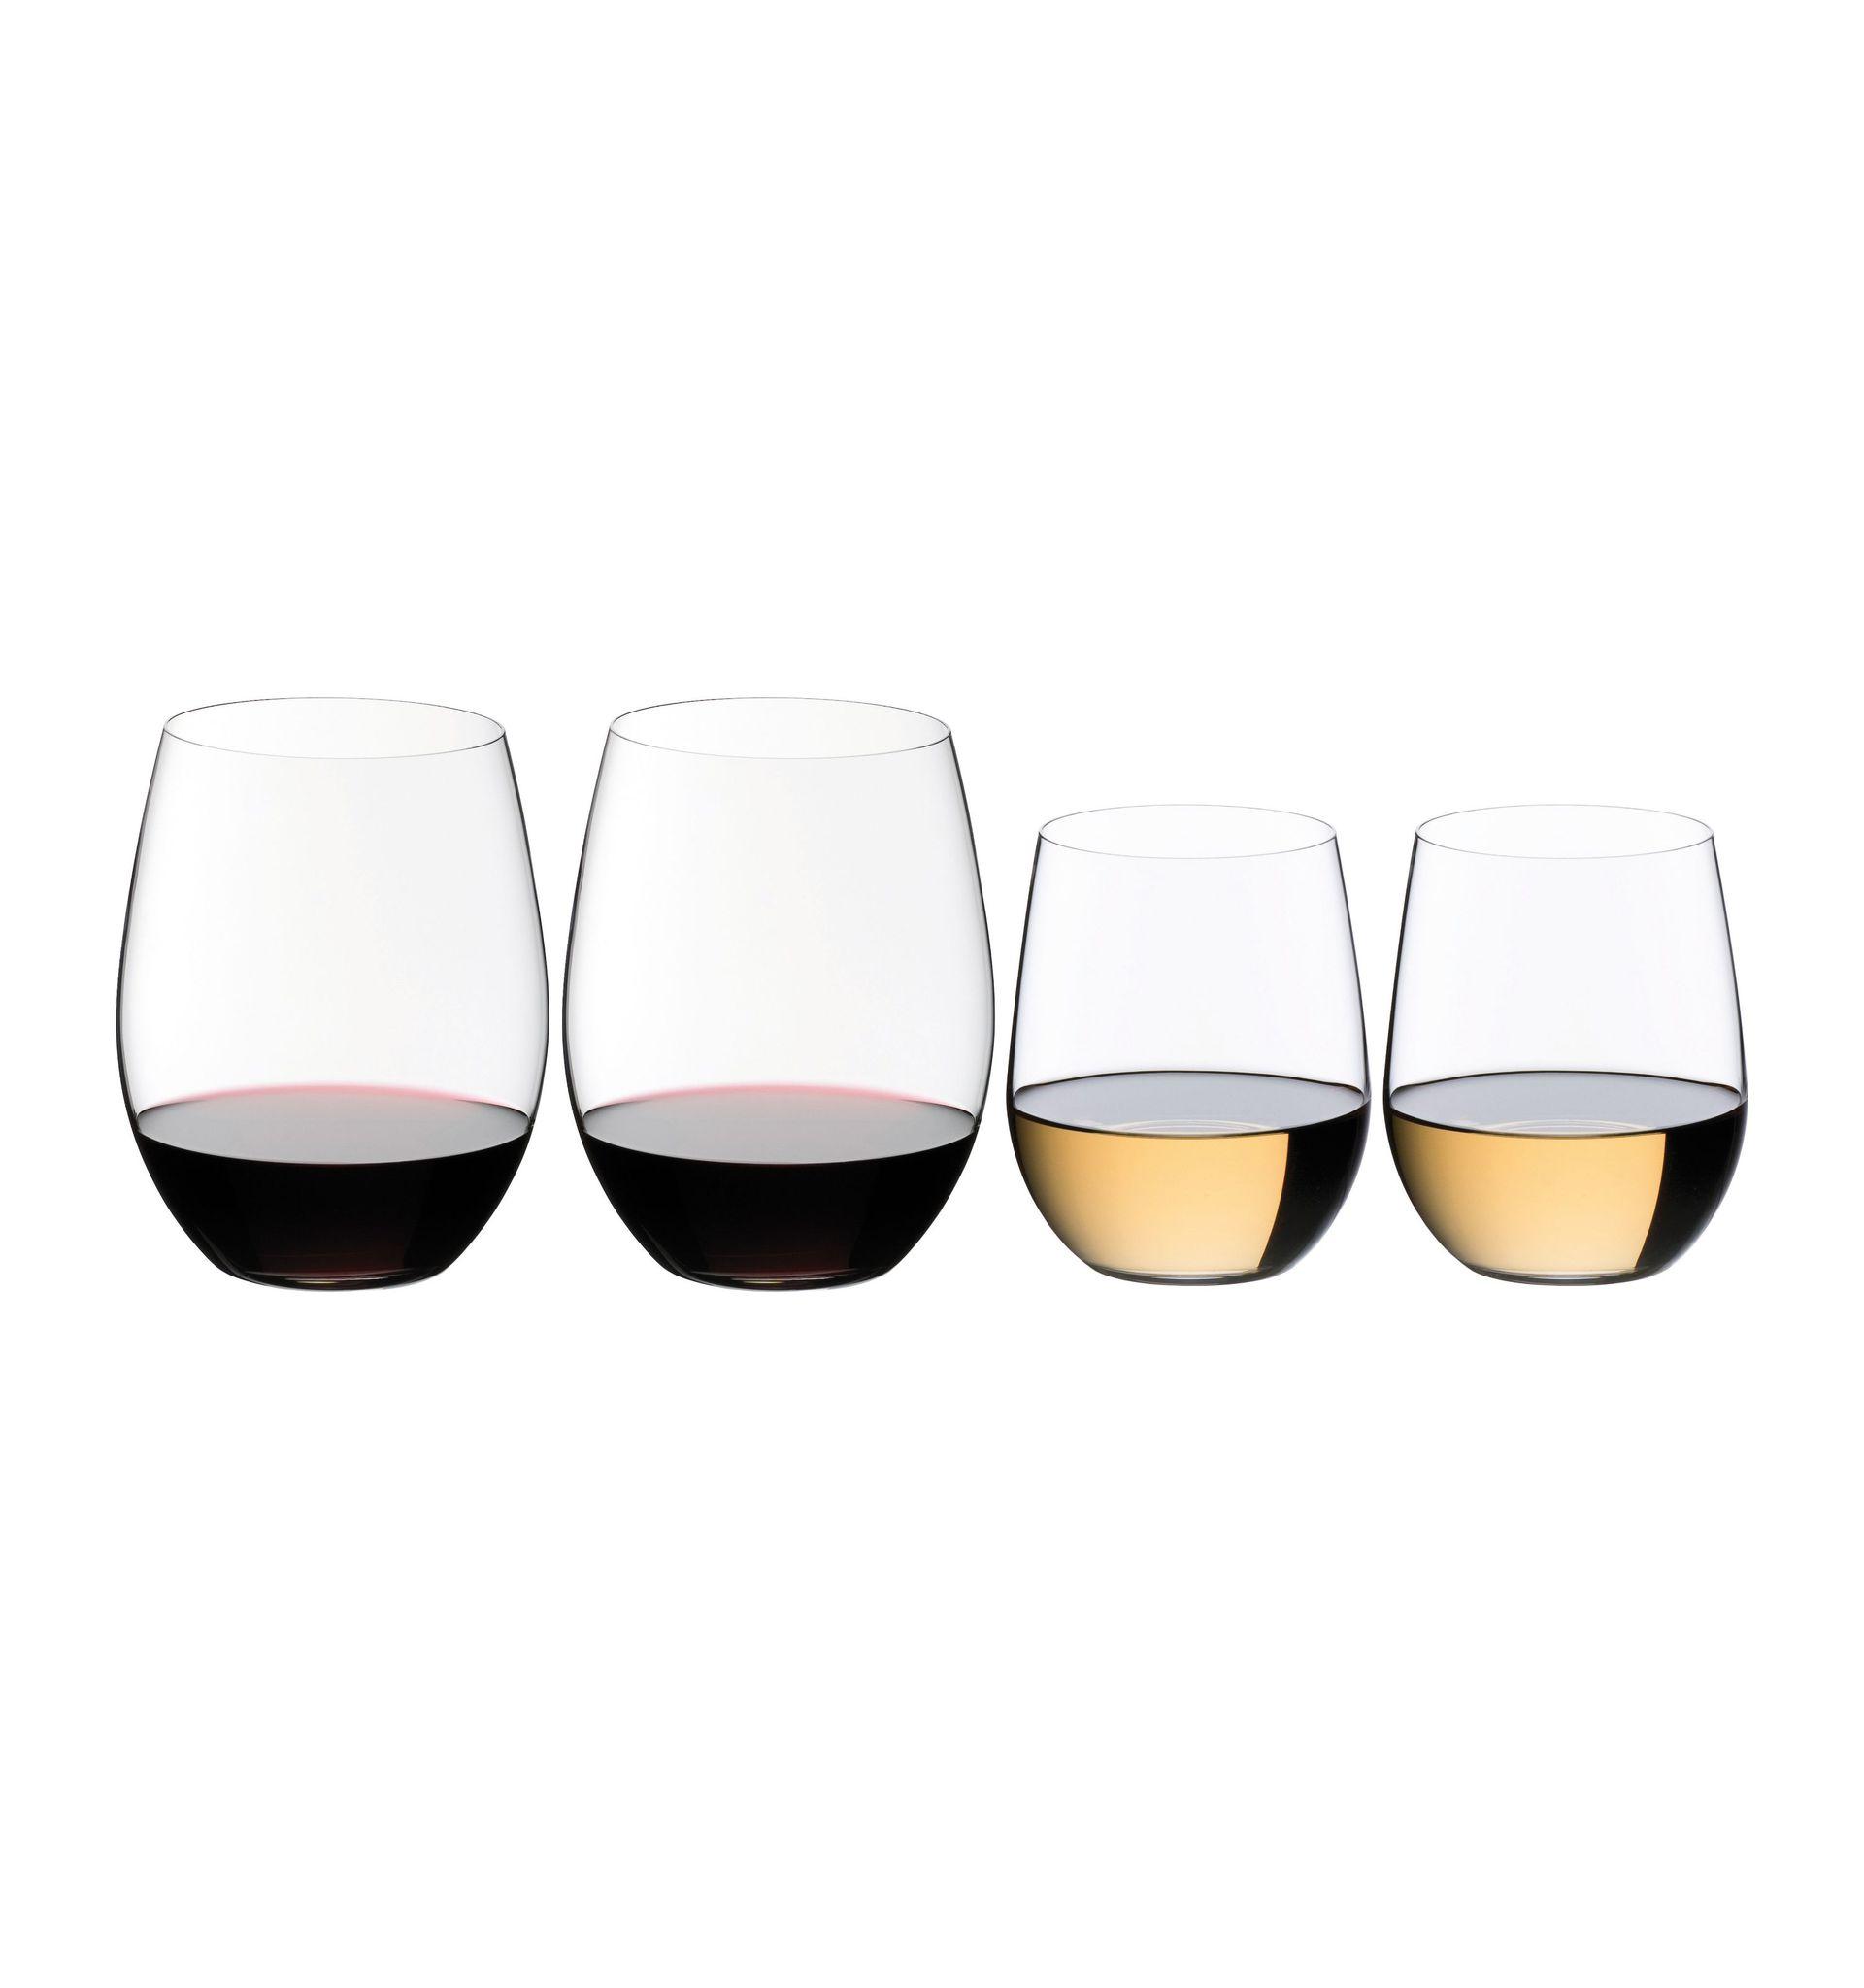 Бокалы Набор бокалов для вина 4шт Riedel O Buy 3 Get 4 Cabernet-Viognier nabor-bokalov-dlya-vina-4sht-riedel-o-buy-3-get-4-cabernet-viognier-avstriya.jpg